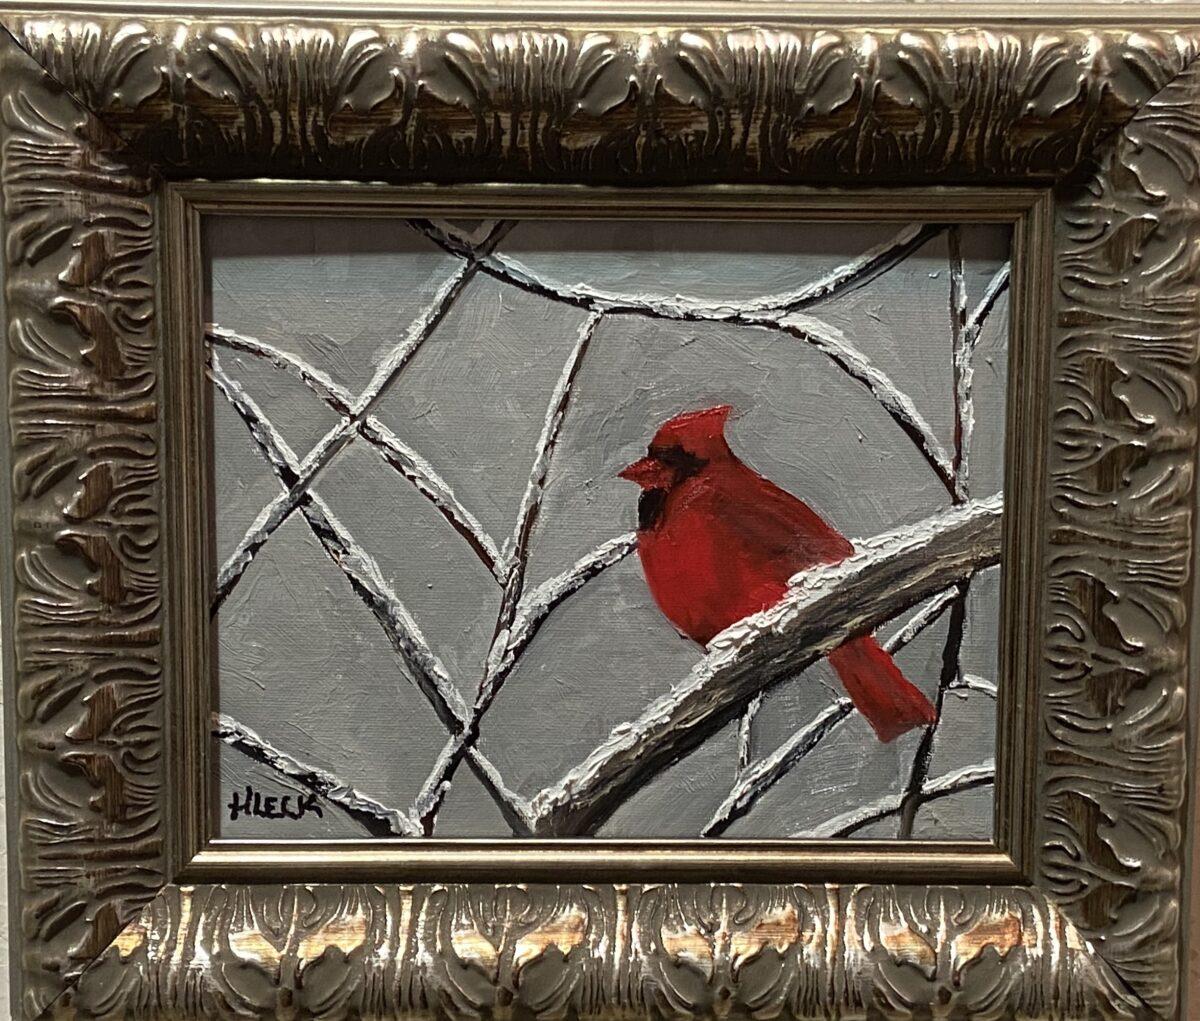 173 - Cardinal 2 - 10 x 8 - Figurative - $85